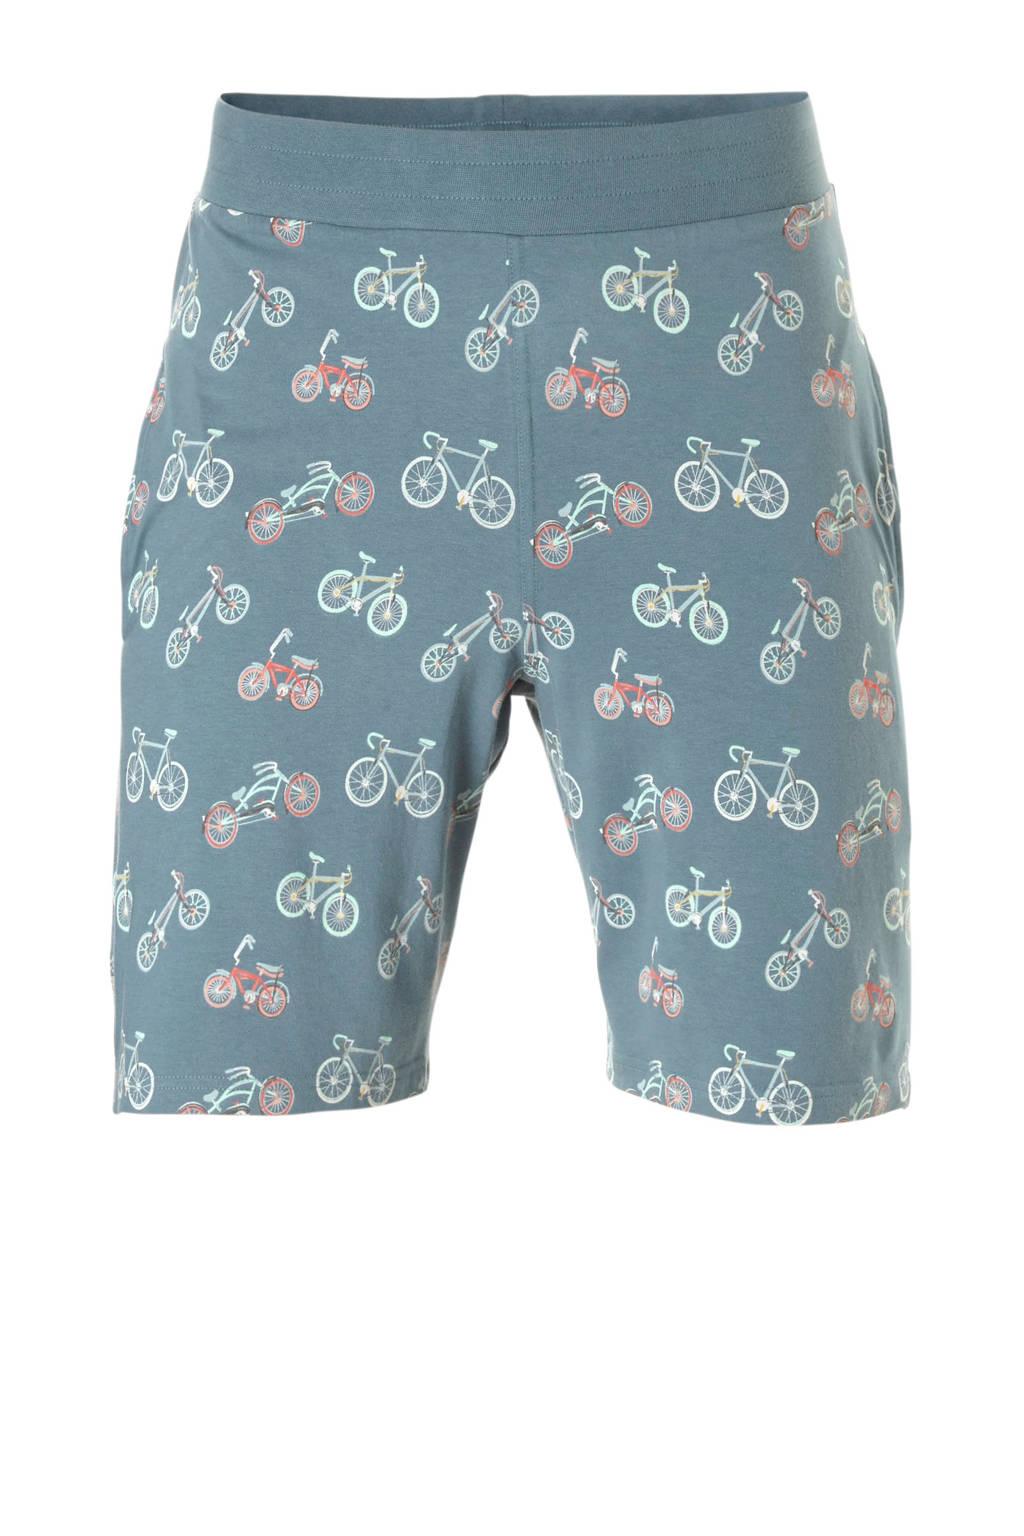 Charlie Choe pyjamashort met all over print grijsblauw, Grijsblauw/oranje/wit